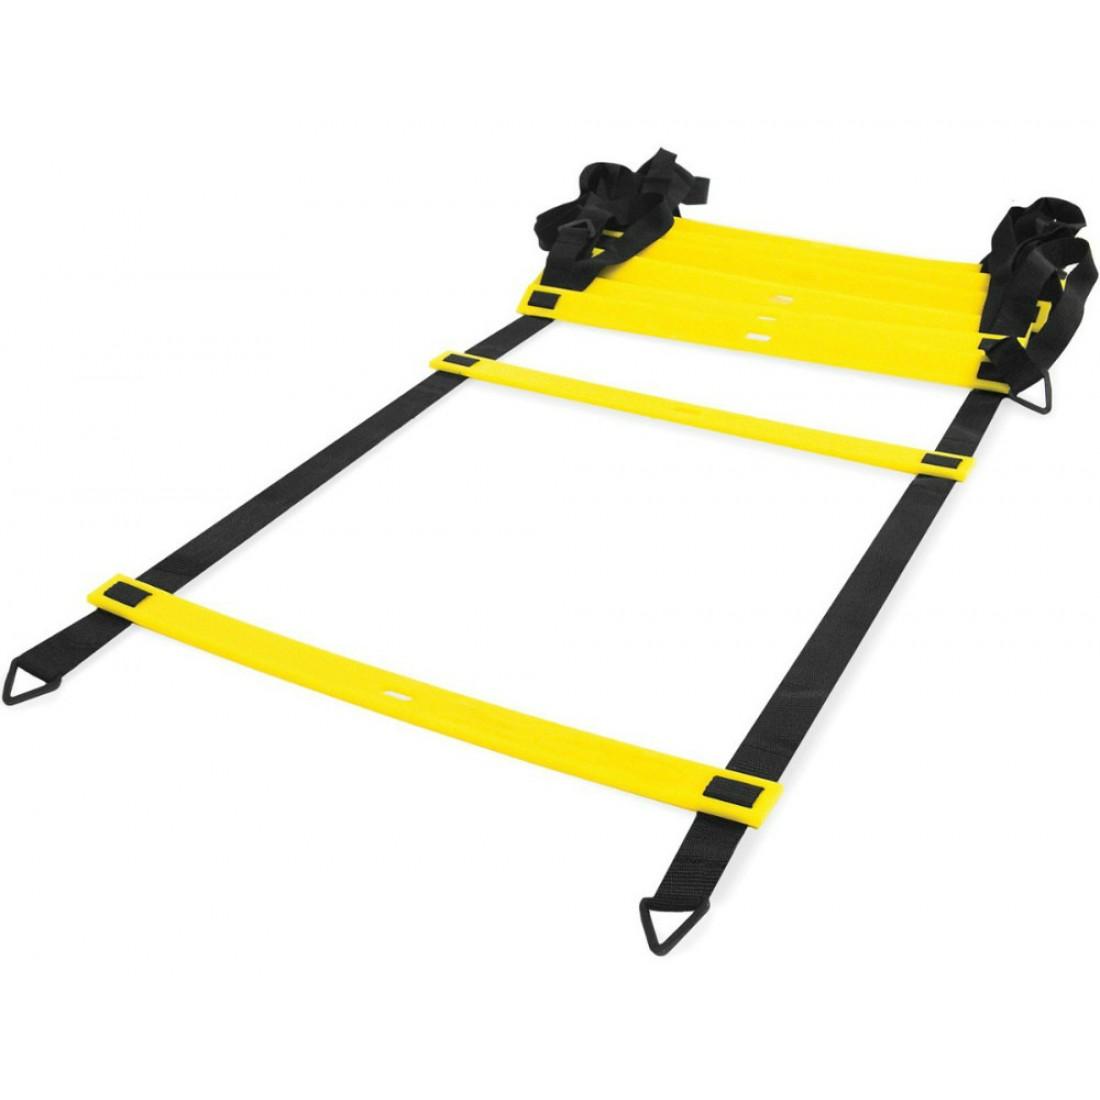 TRX / Функциональный тренинг / Кроссфит: Координационная лестница LiveUp AGILITY LADDER 8 м